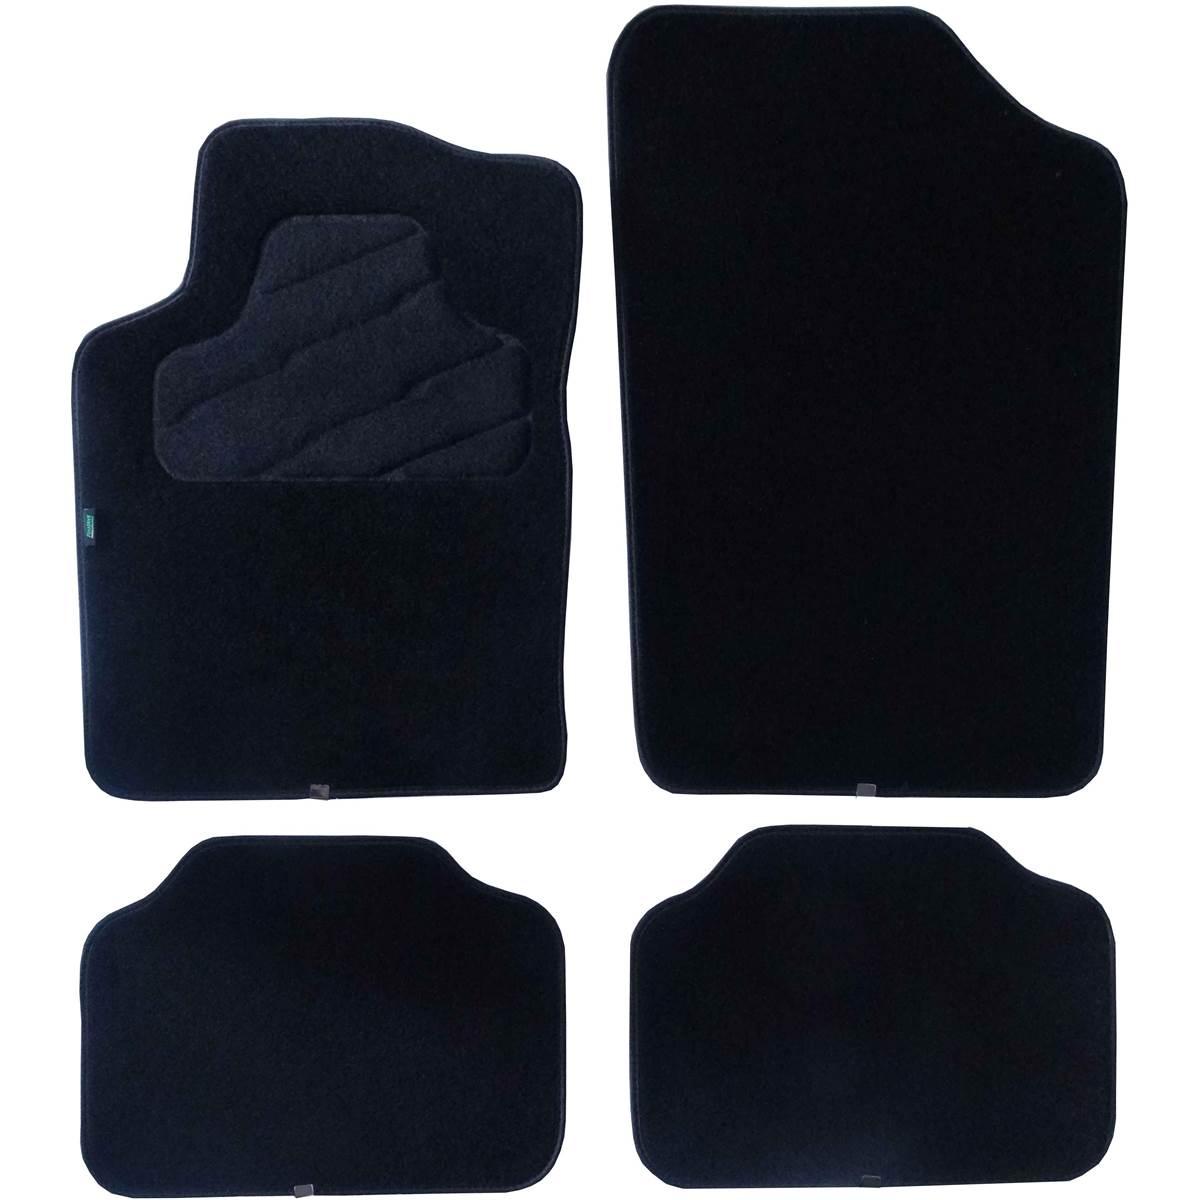 4 tapis de voiture adapt s constructeur pour v hicules peugeot feu vert. Black Bedroom Furniture Sets. Home Design Ideas